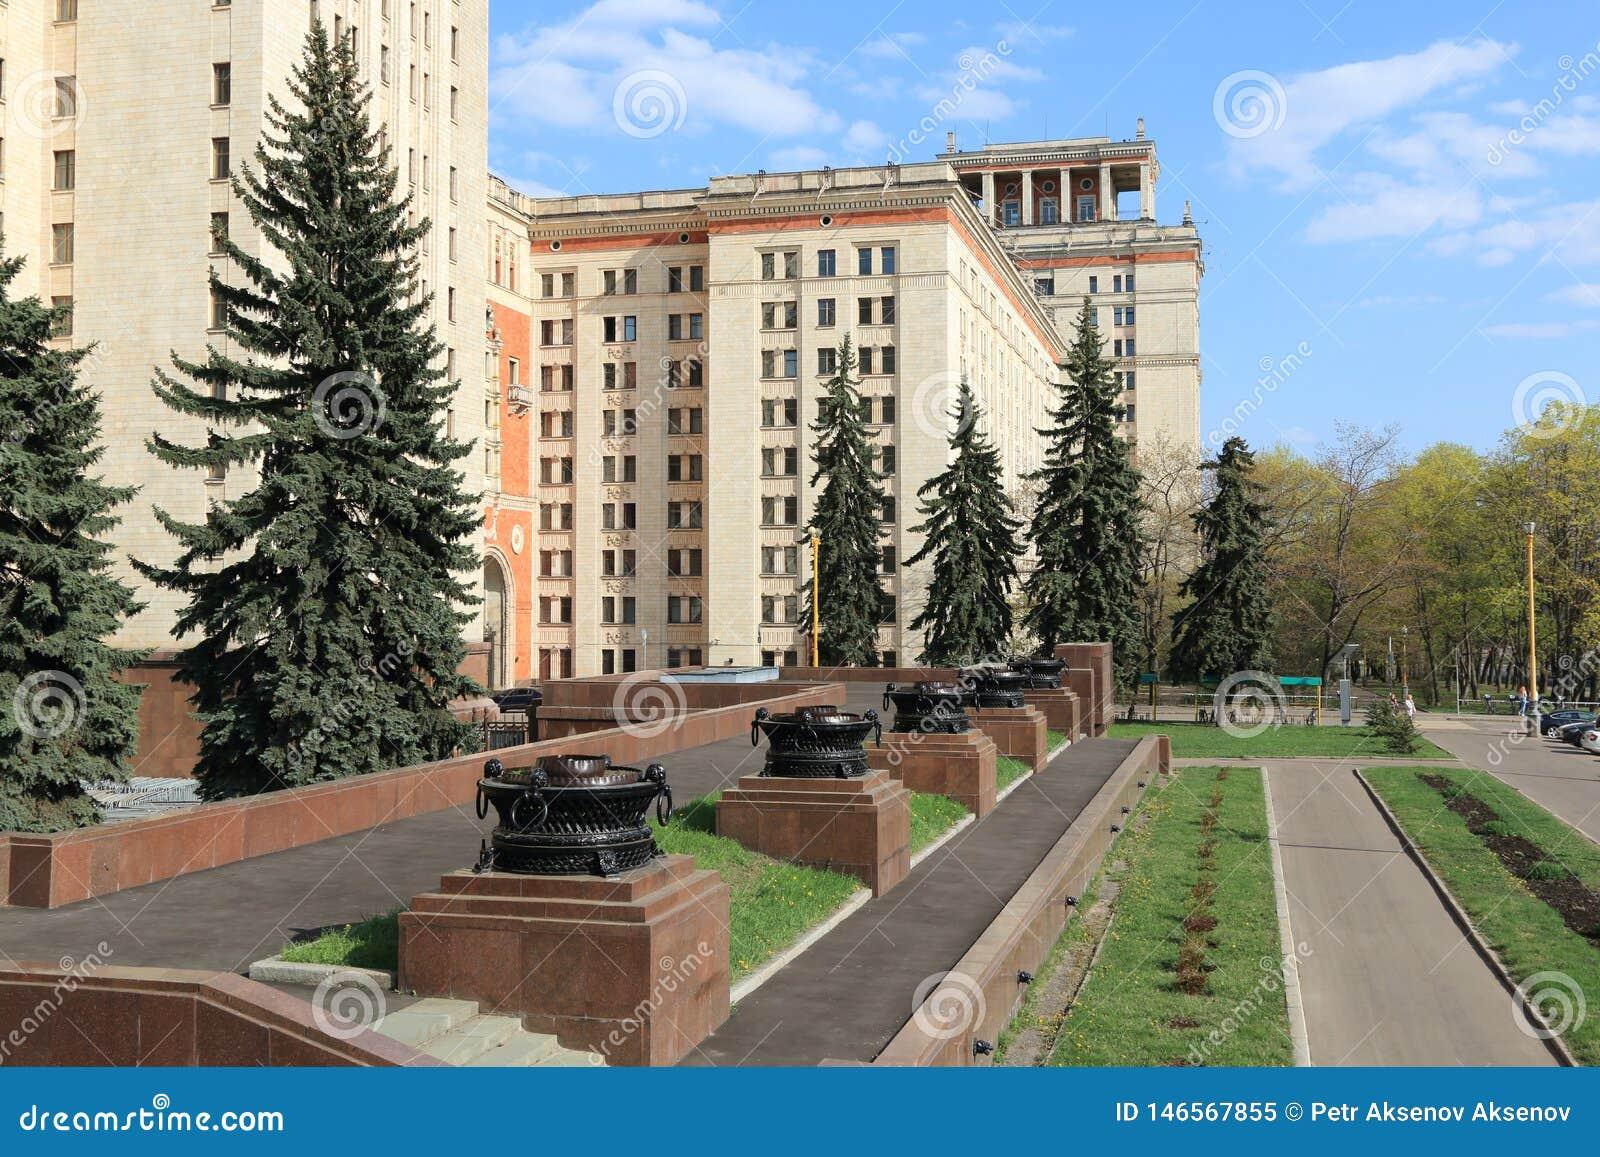 Moscou, Russie - 1er mai 2019 : Vue de Moscou Université d État à la droite de l entrée principale au bâtiment principal